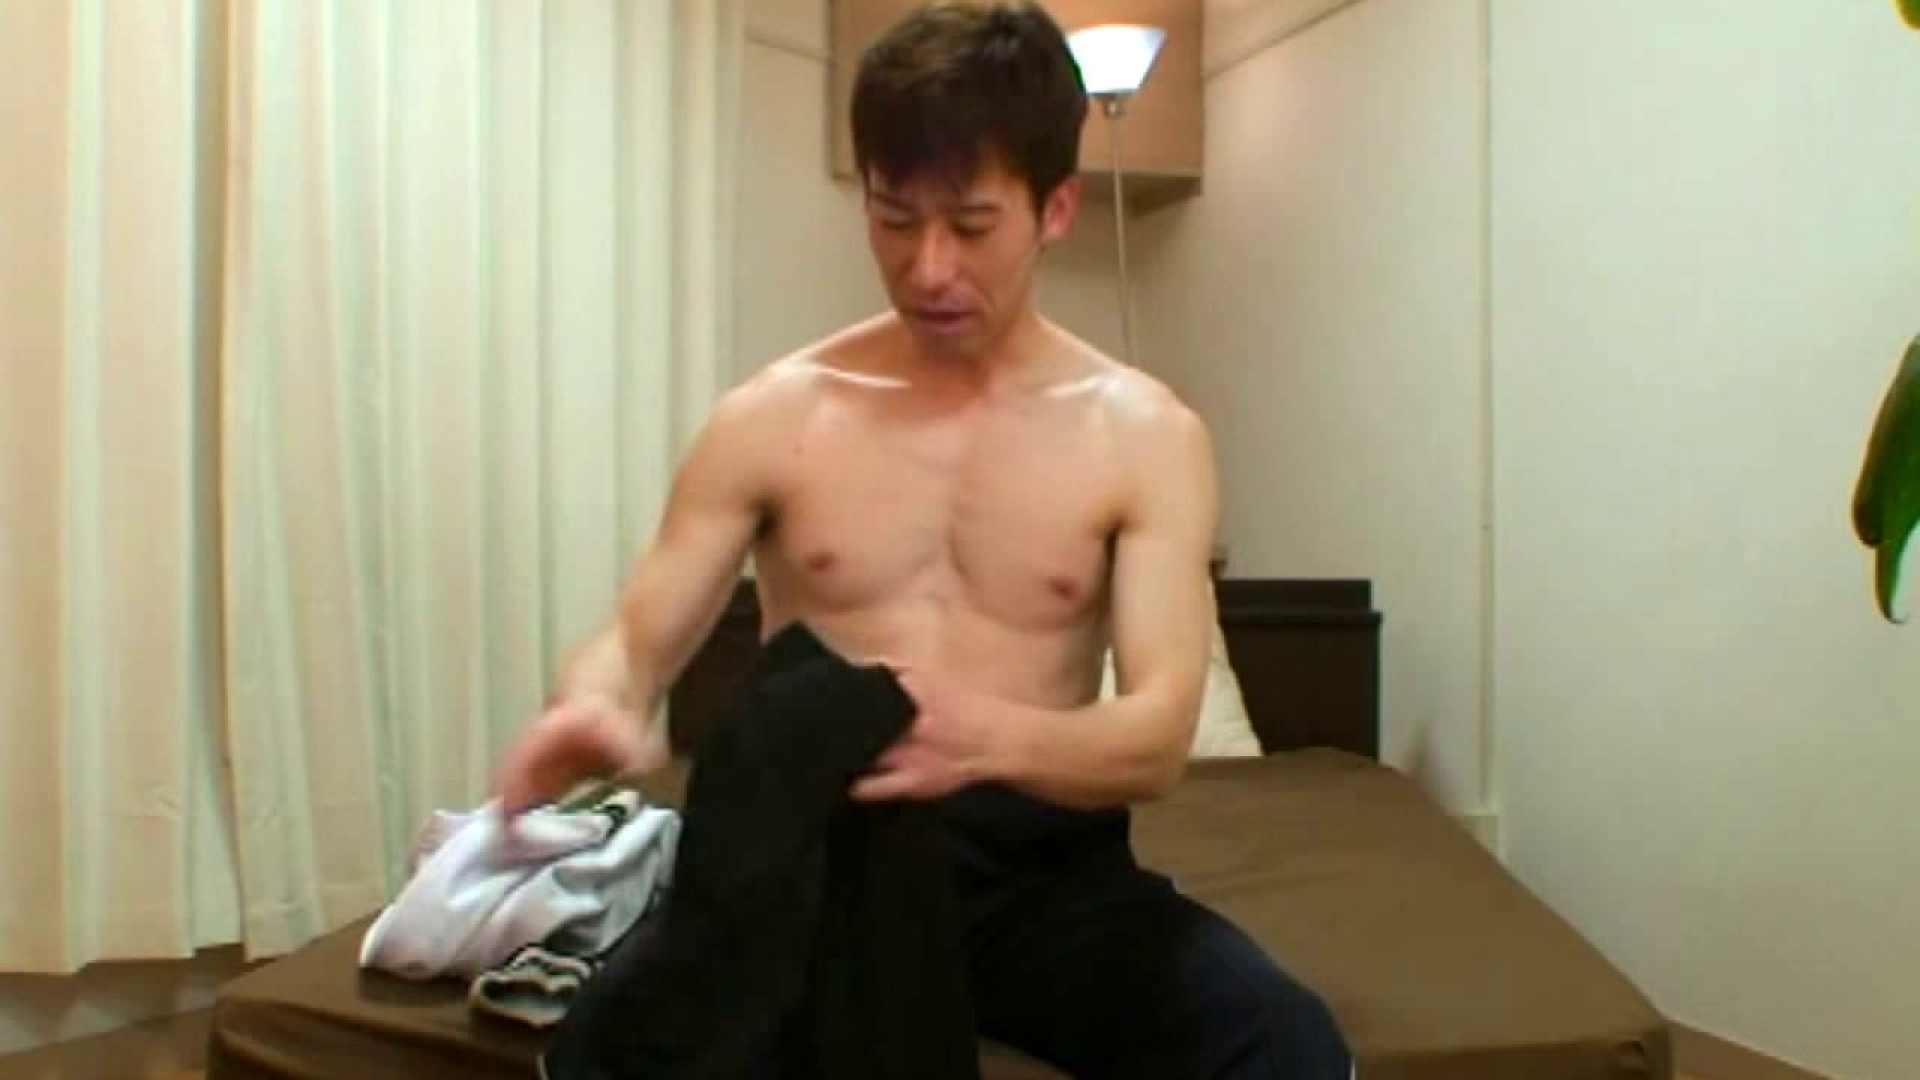 ノンケ!自慰スタジオ No.19 ノンケ  97pic 45